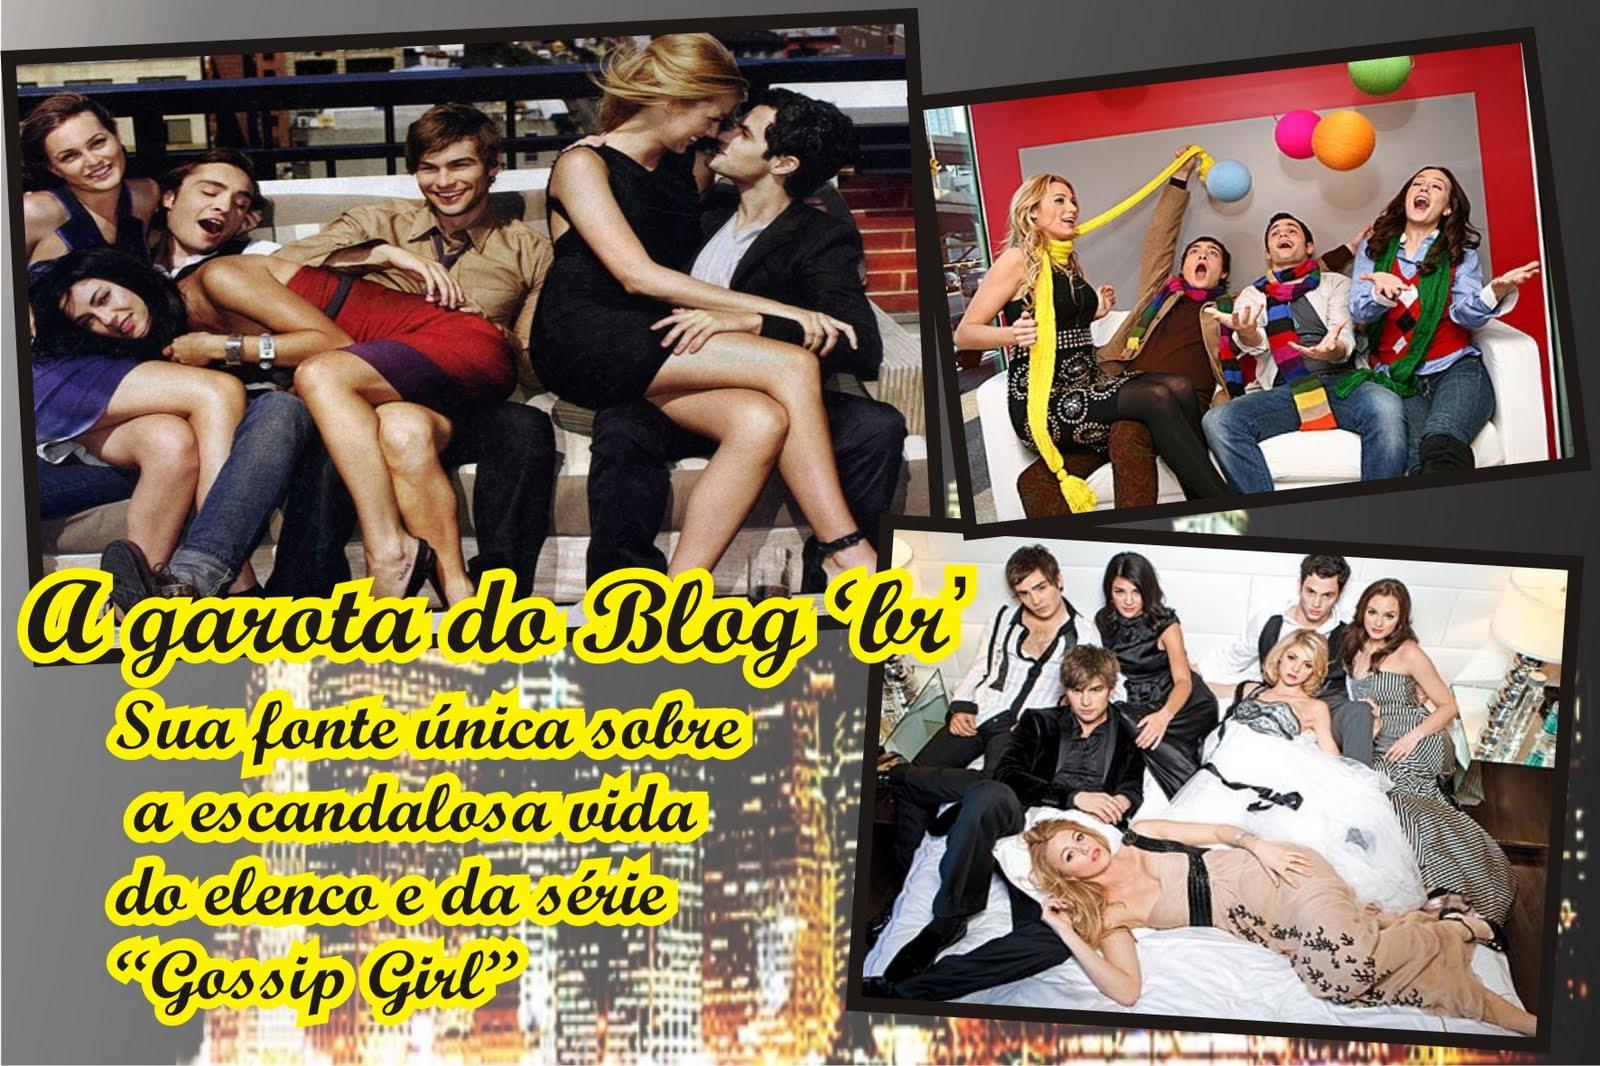 http://4.bp.blogspot.com/_aSKCjbuv41Y/S1MqWgvEc1I/AAAAAAAAALk/ibMidProbBI/S1600-R/capa+blog.jpg